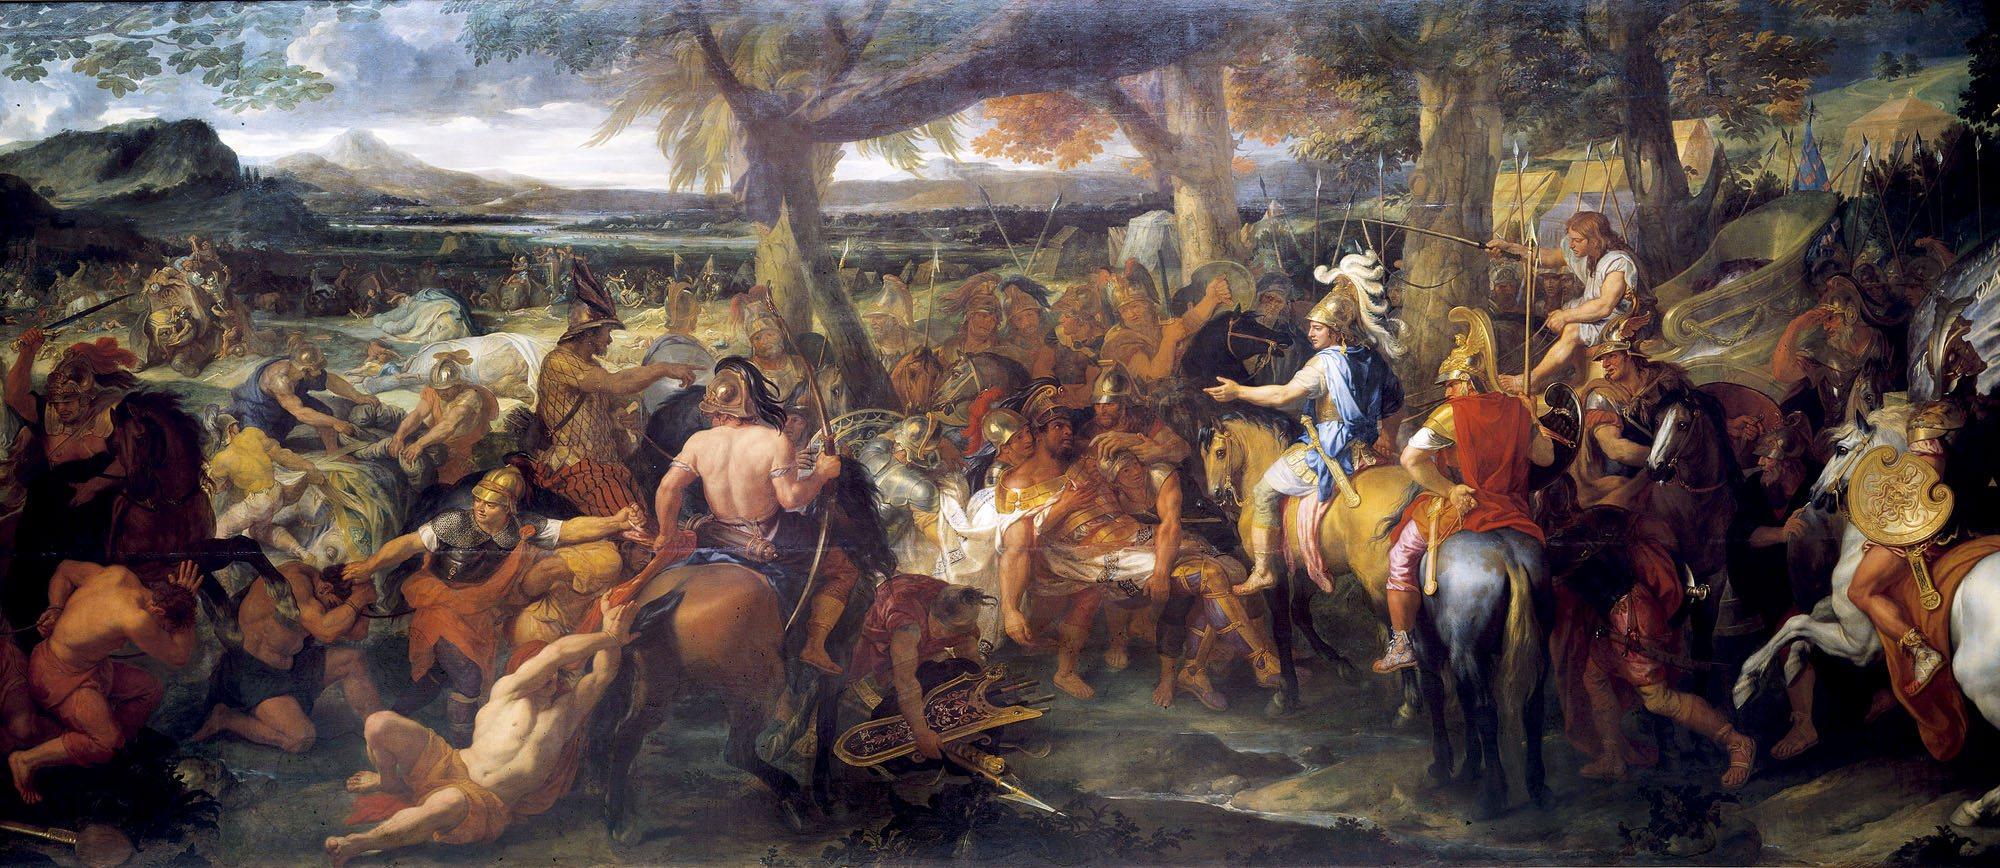 Suggestioni sparse sull'impresa indiana di Alessandro Magno: scoperta del nuovo o ritorno all'origine? – Giovanni Pucci